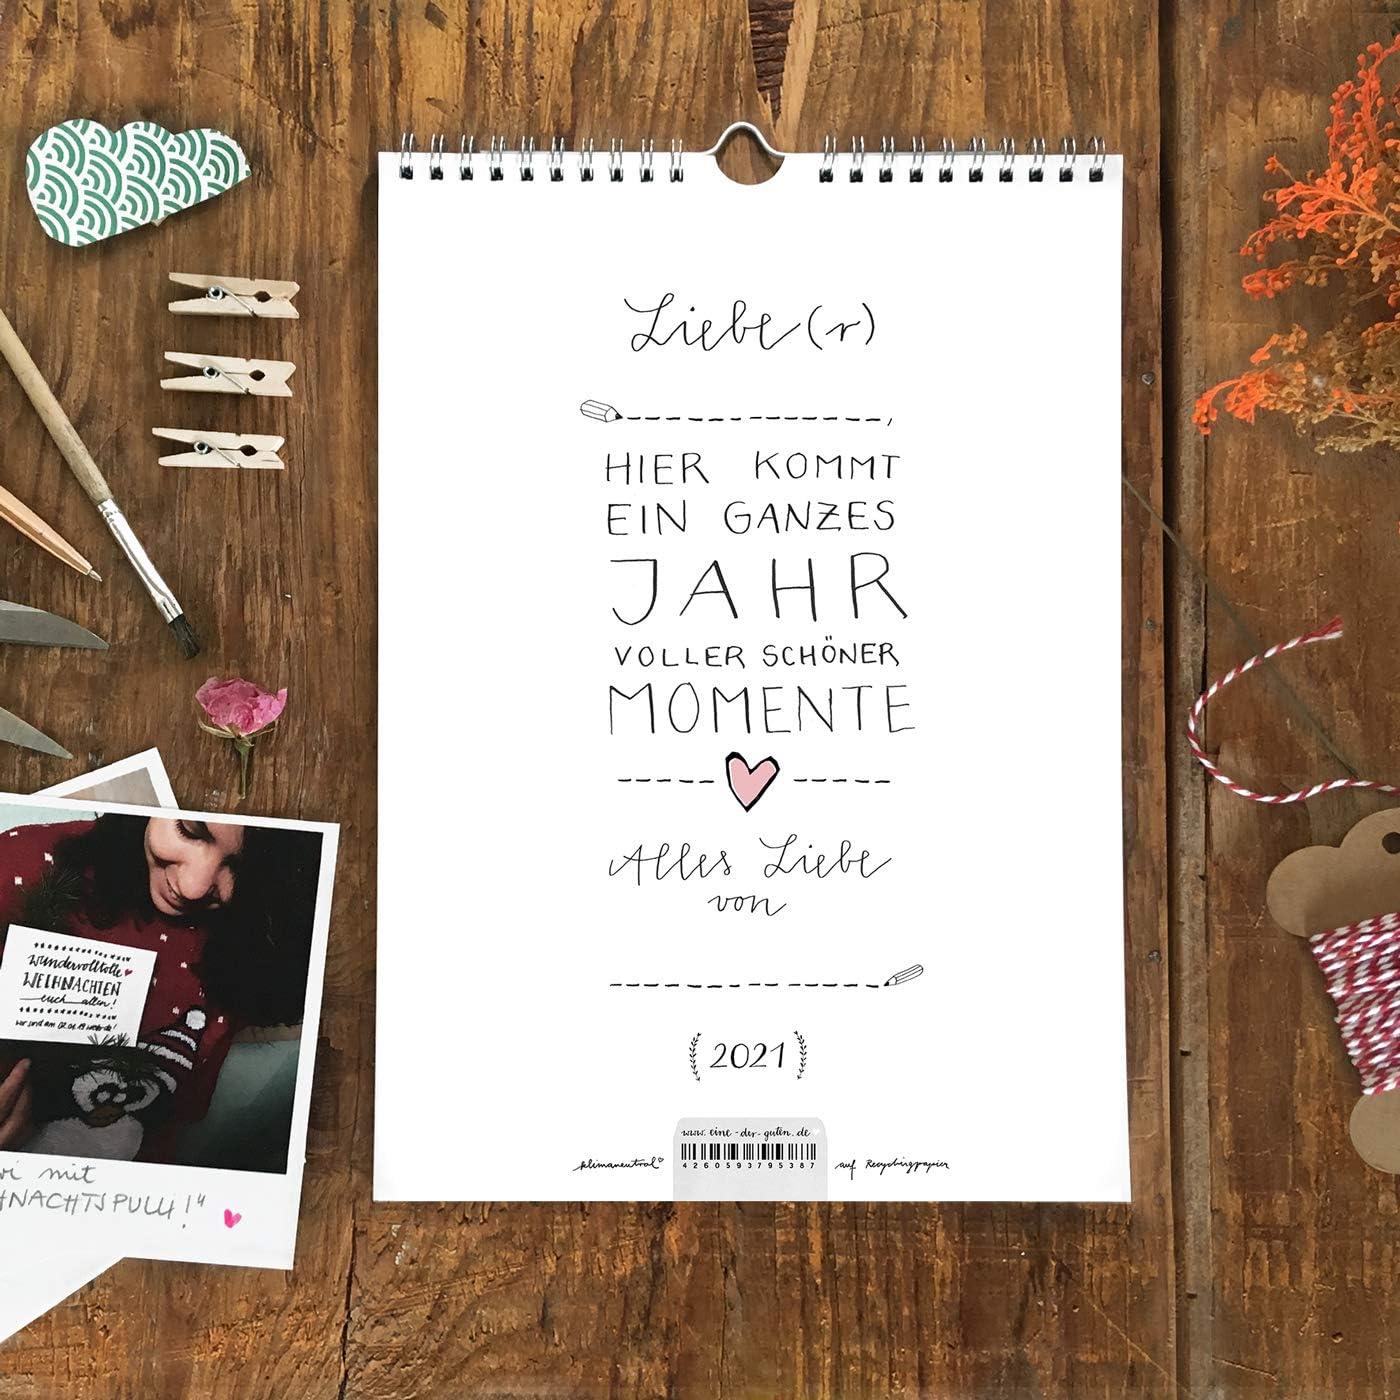 A4 Bastelkalender 2021 sch/öne Momente Design Recyclingpapier Fotokalender Geburtstagskalender Schwarz Wei/ß mit rosa Herz Kreativkalender basteln und verschenken Kalender selbst gestalten